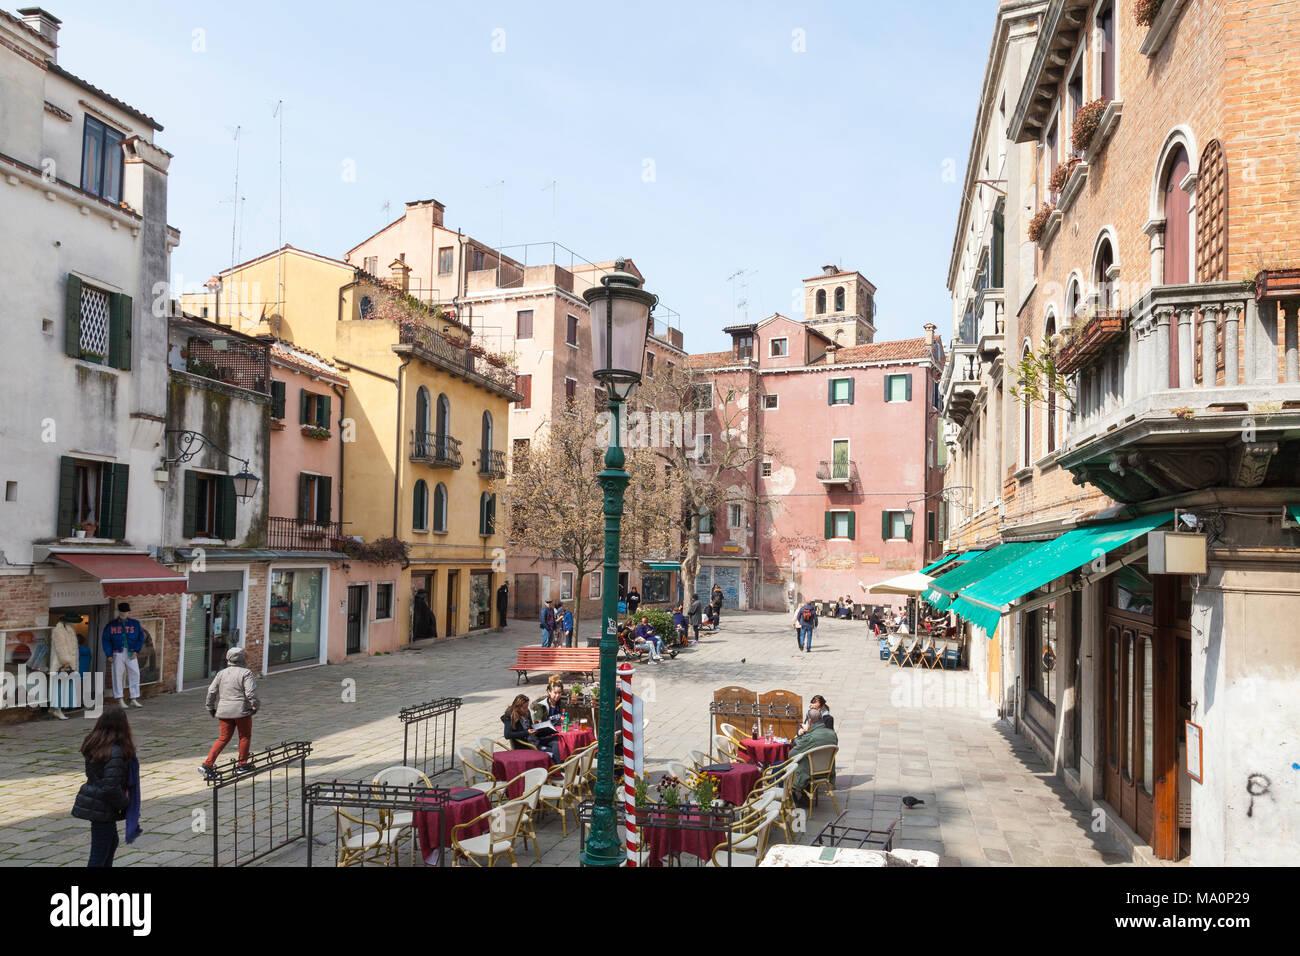 Campo Santa Maria Formosa, Cannaregio, Venise, Vénétie, Italie avec les touristes à manger dans un restaurant en plein air en hiver vue surélevée Photo Stock